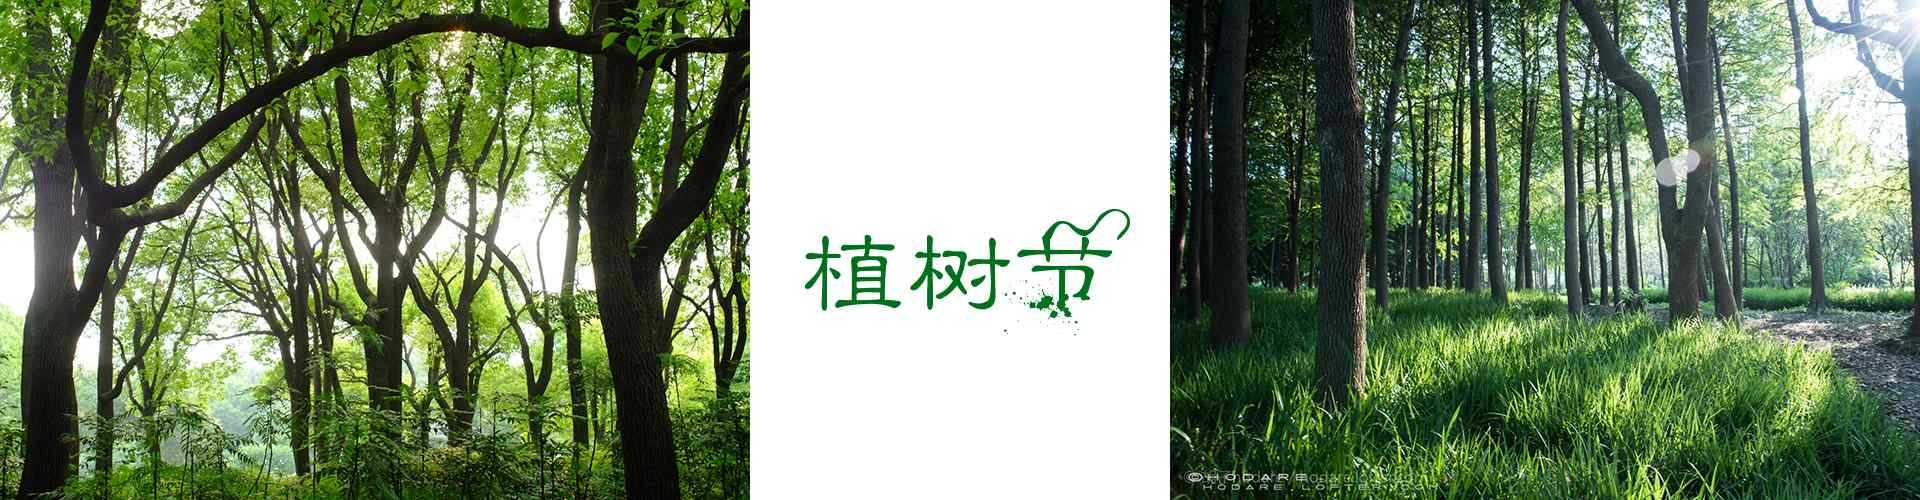 植树节_植树节图片_树林图片_树木图片_护眼壁纸_节日图片大全